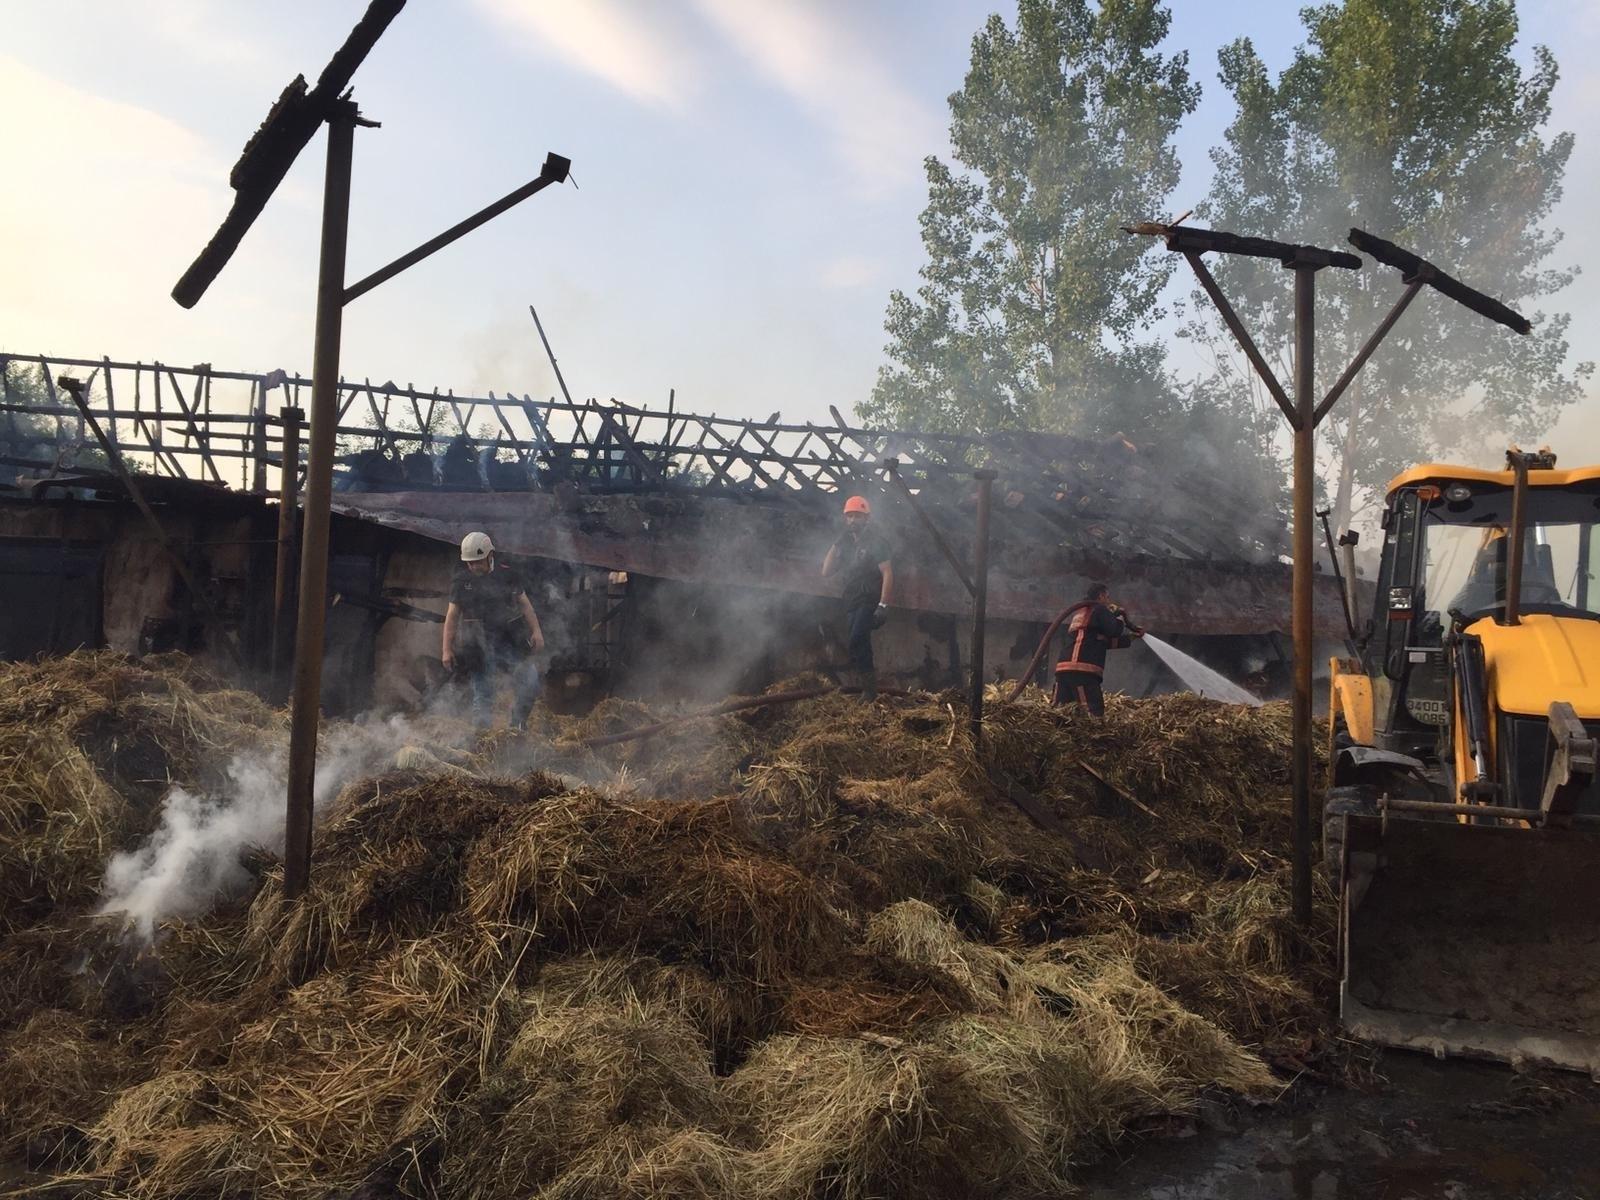 Sakarya'da çiftlikte yangın: 4 büyükbaş hayvan telef oldu, yüzlerce saman yandı